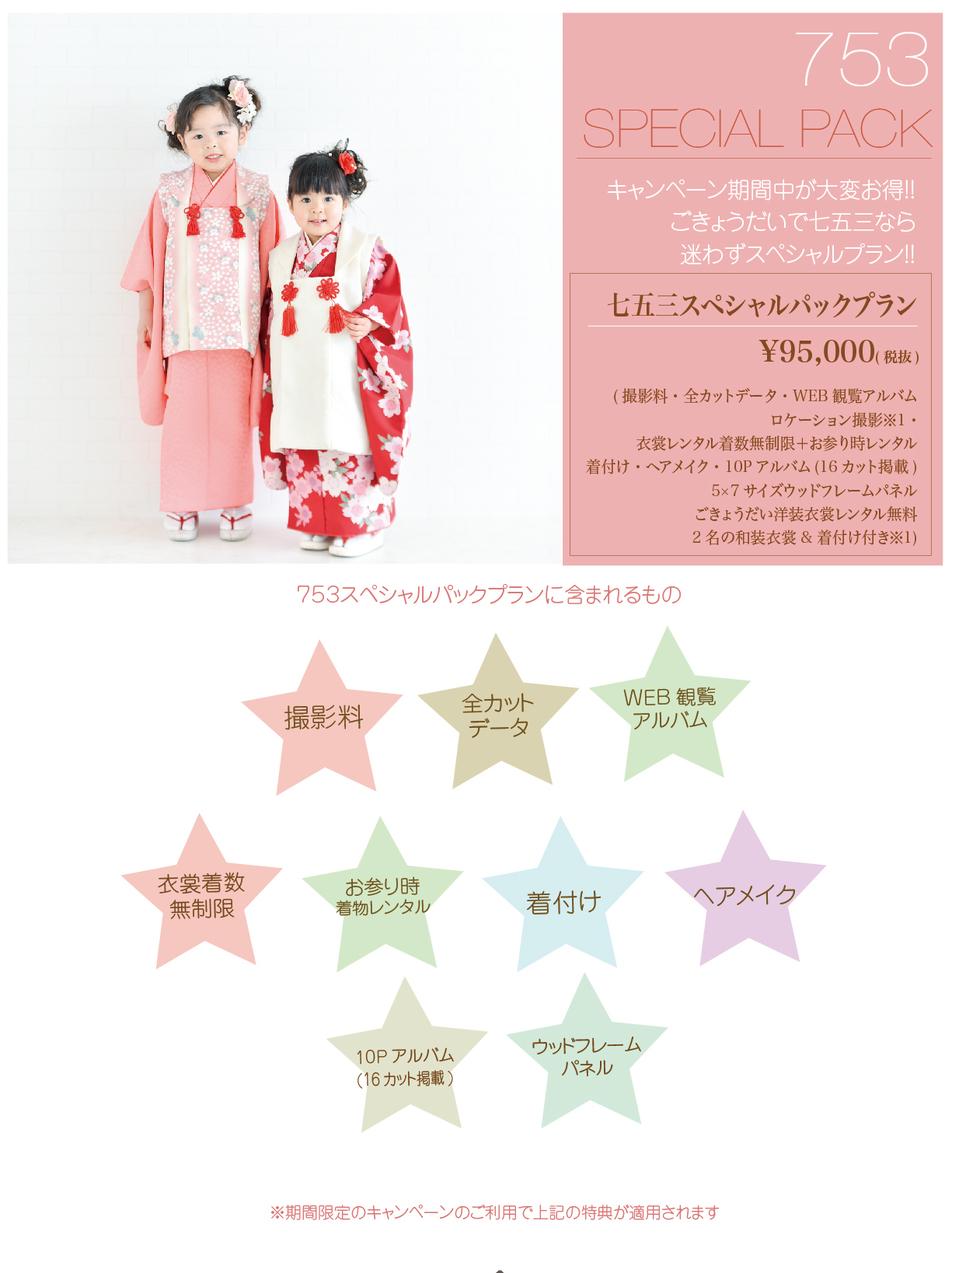 スペシャルパック-01.jpg